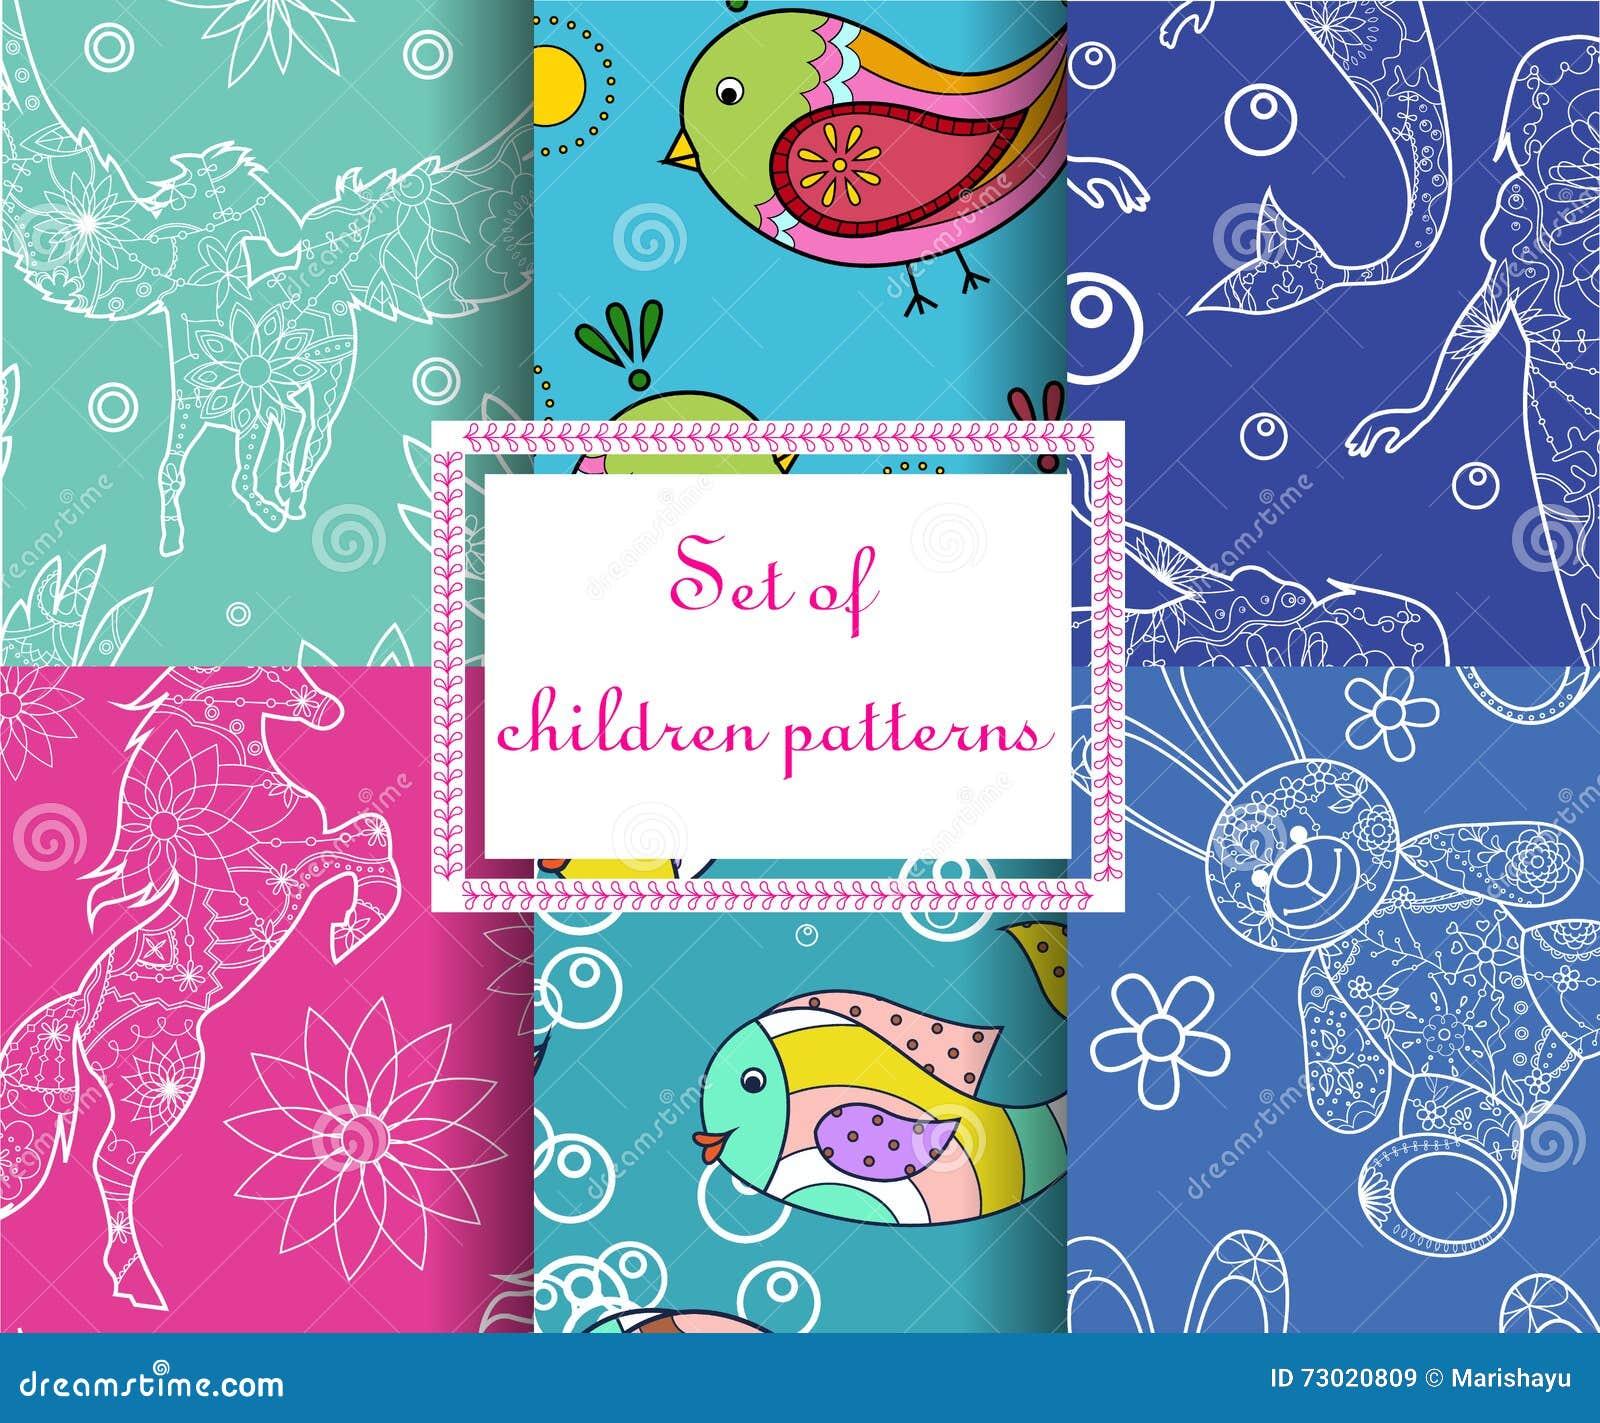 Set of seamless patterns childish